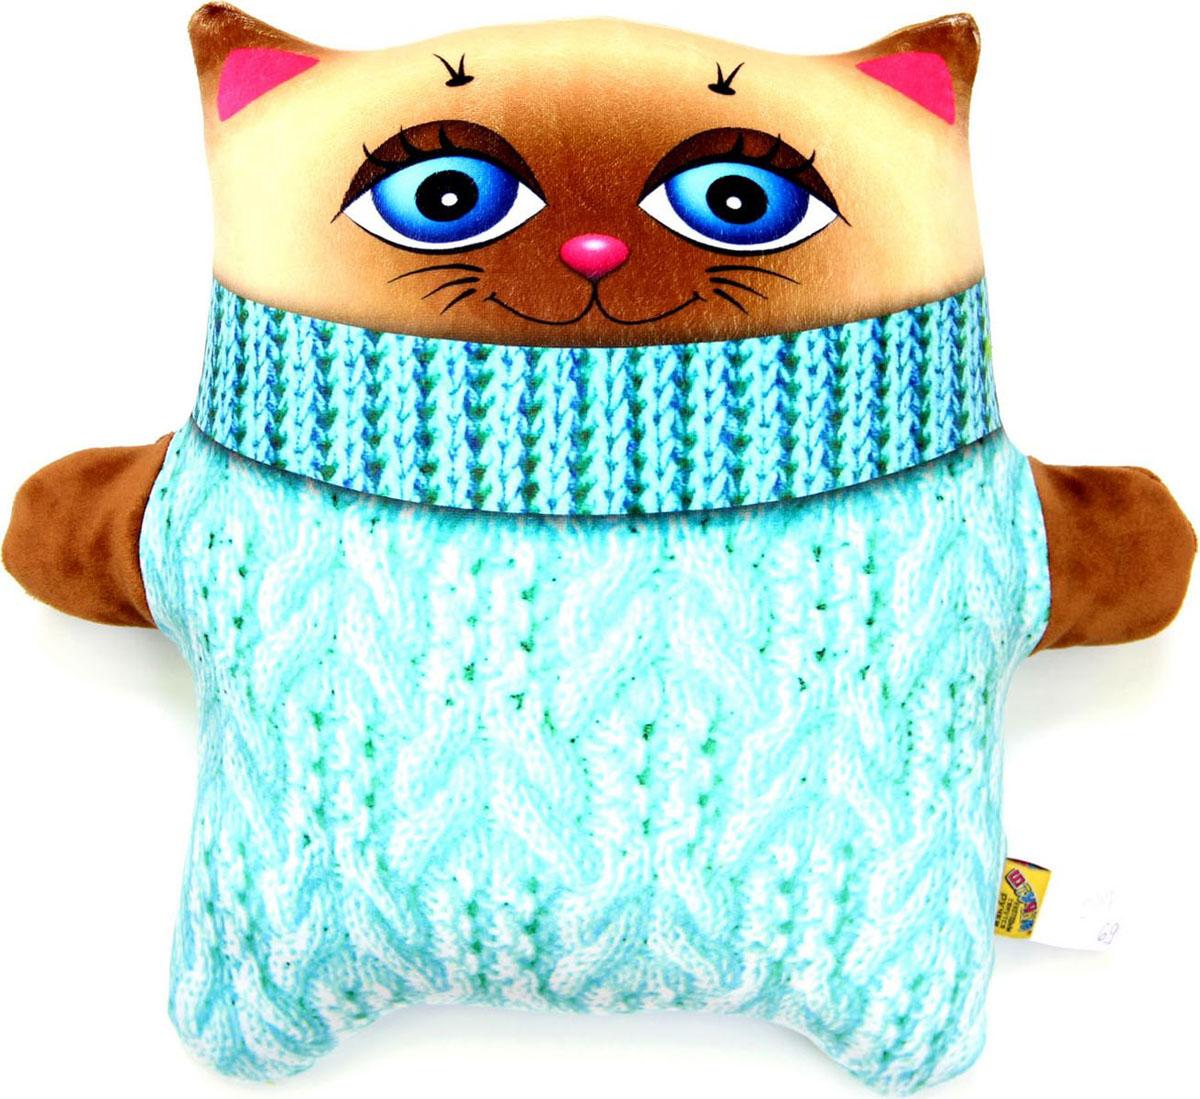 Подушка-игрушка антистрессовая Кот зяблик, голубой